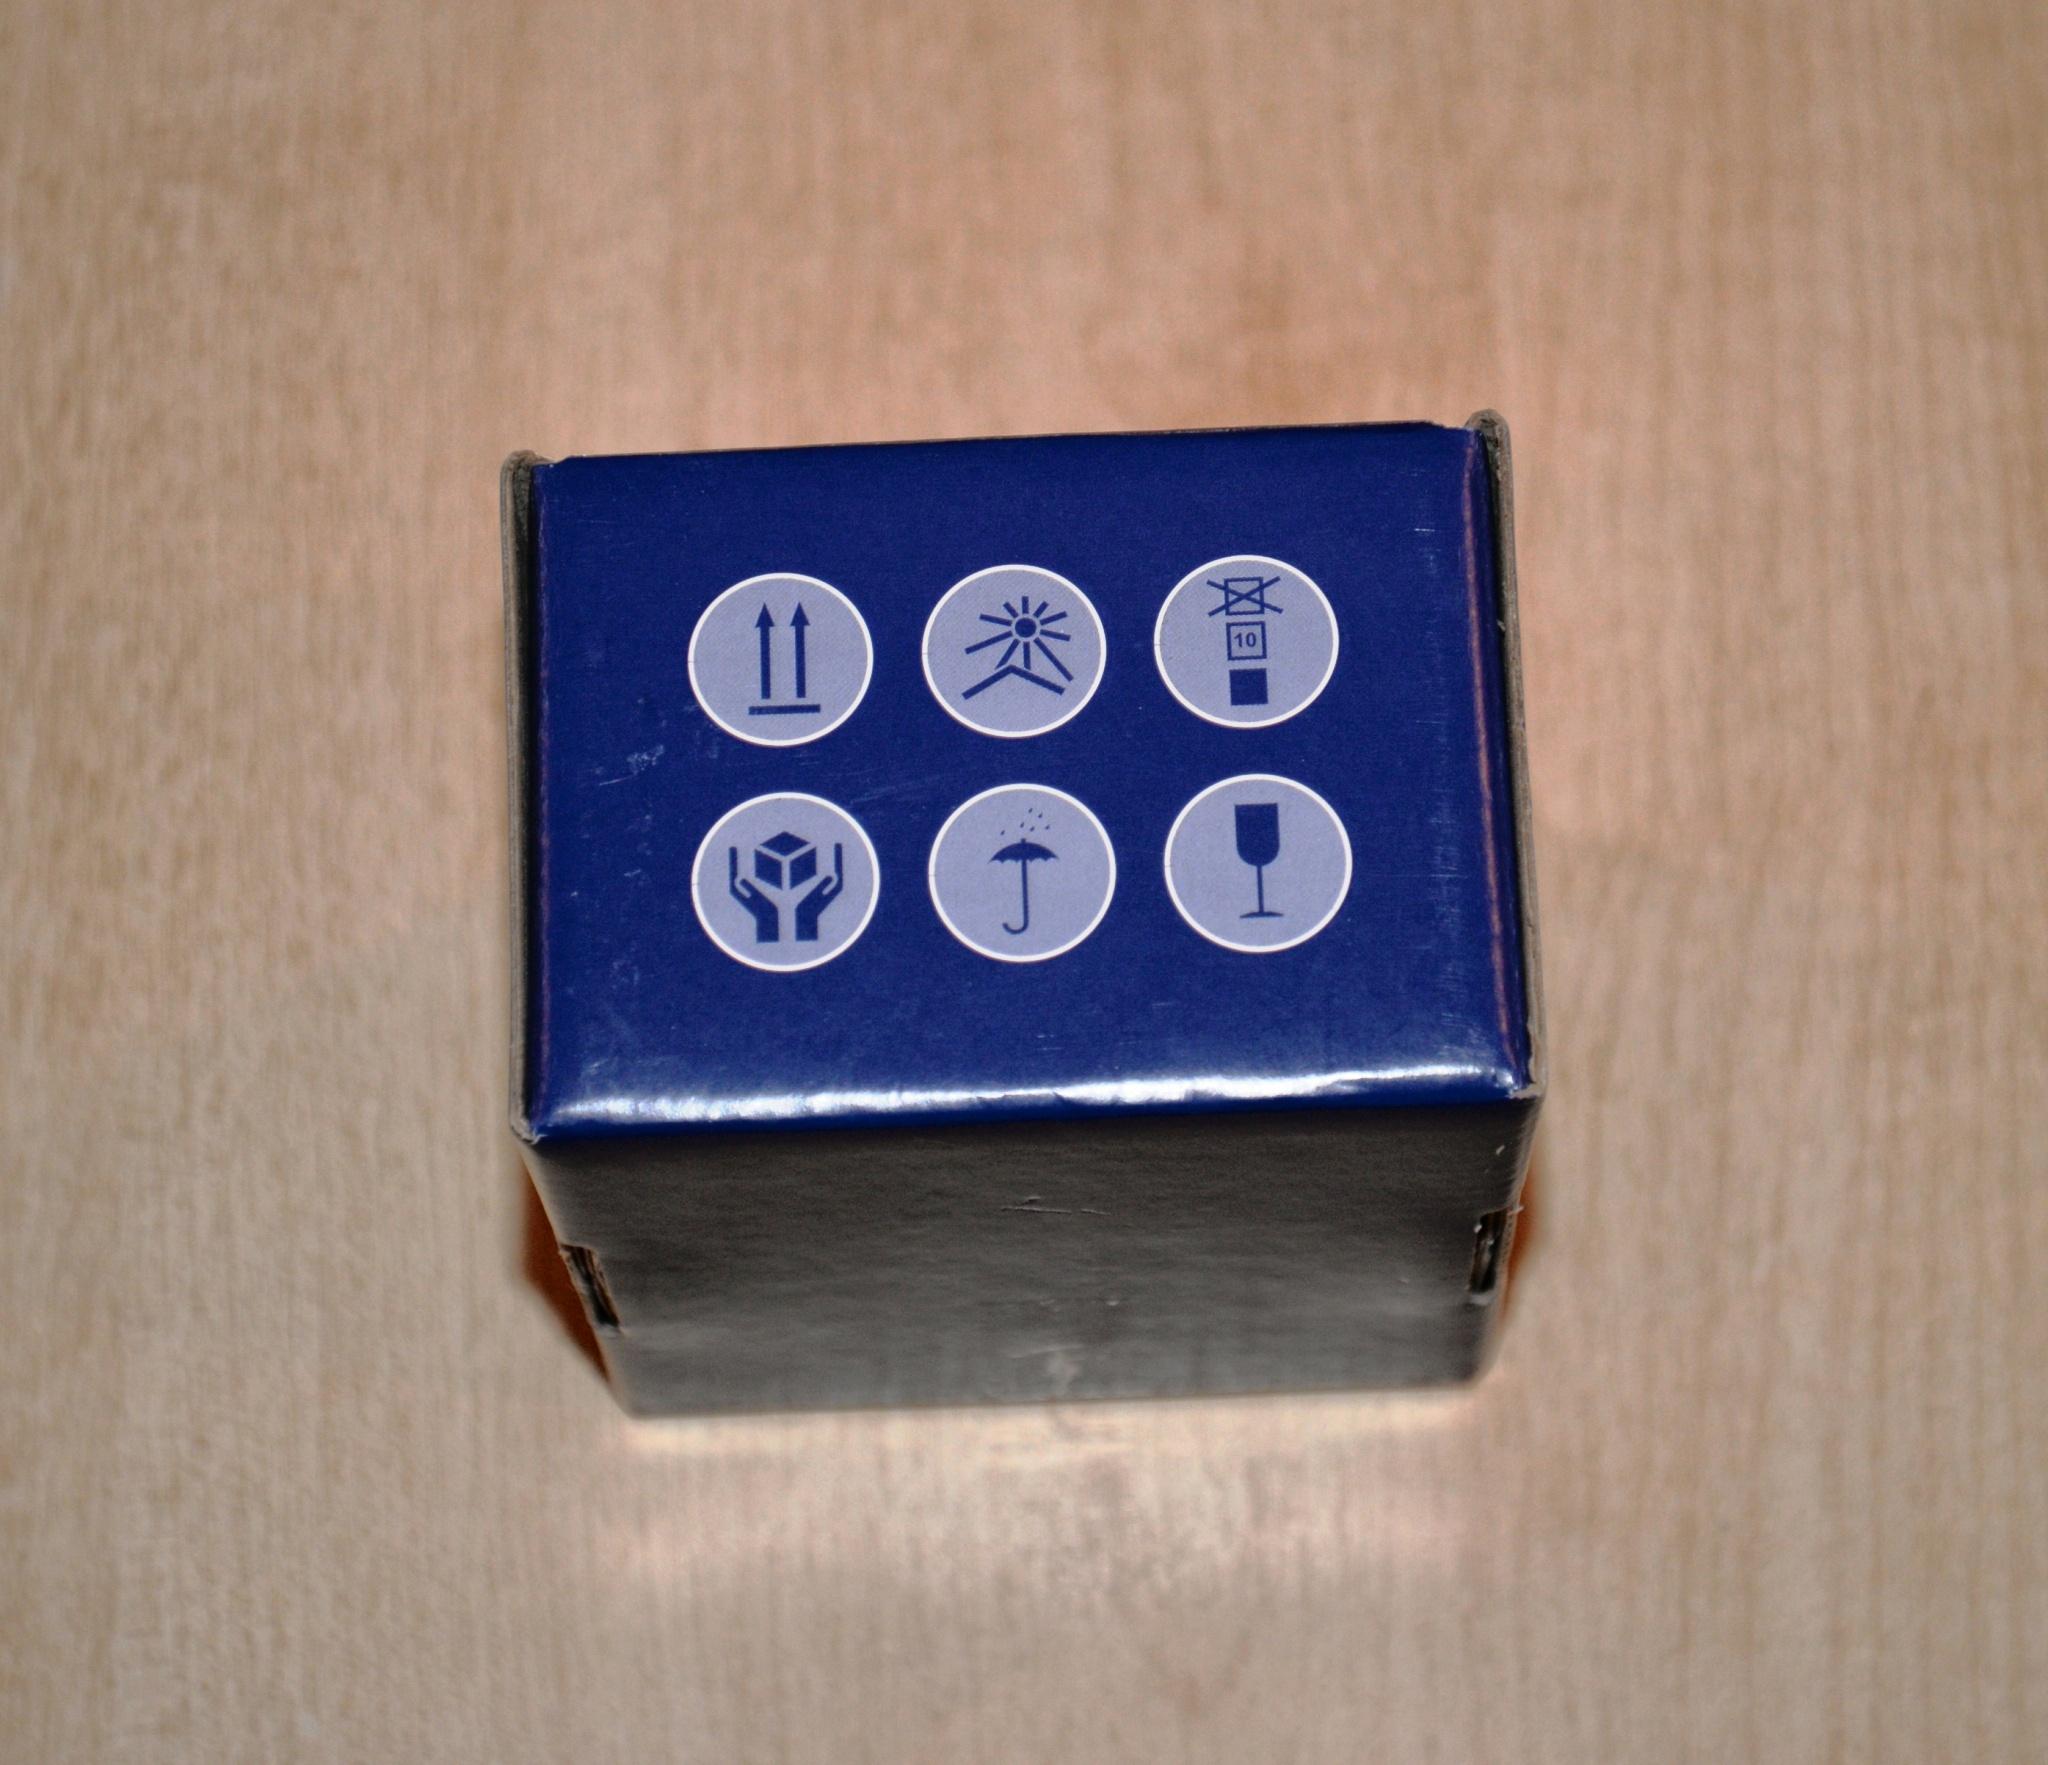 инструкция по работе с энергомером